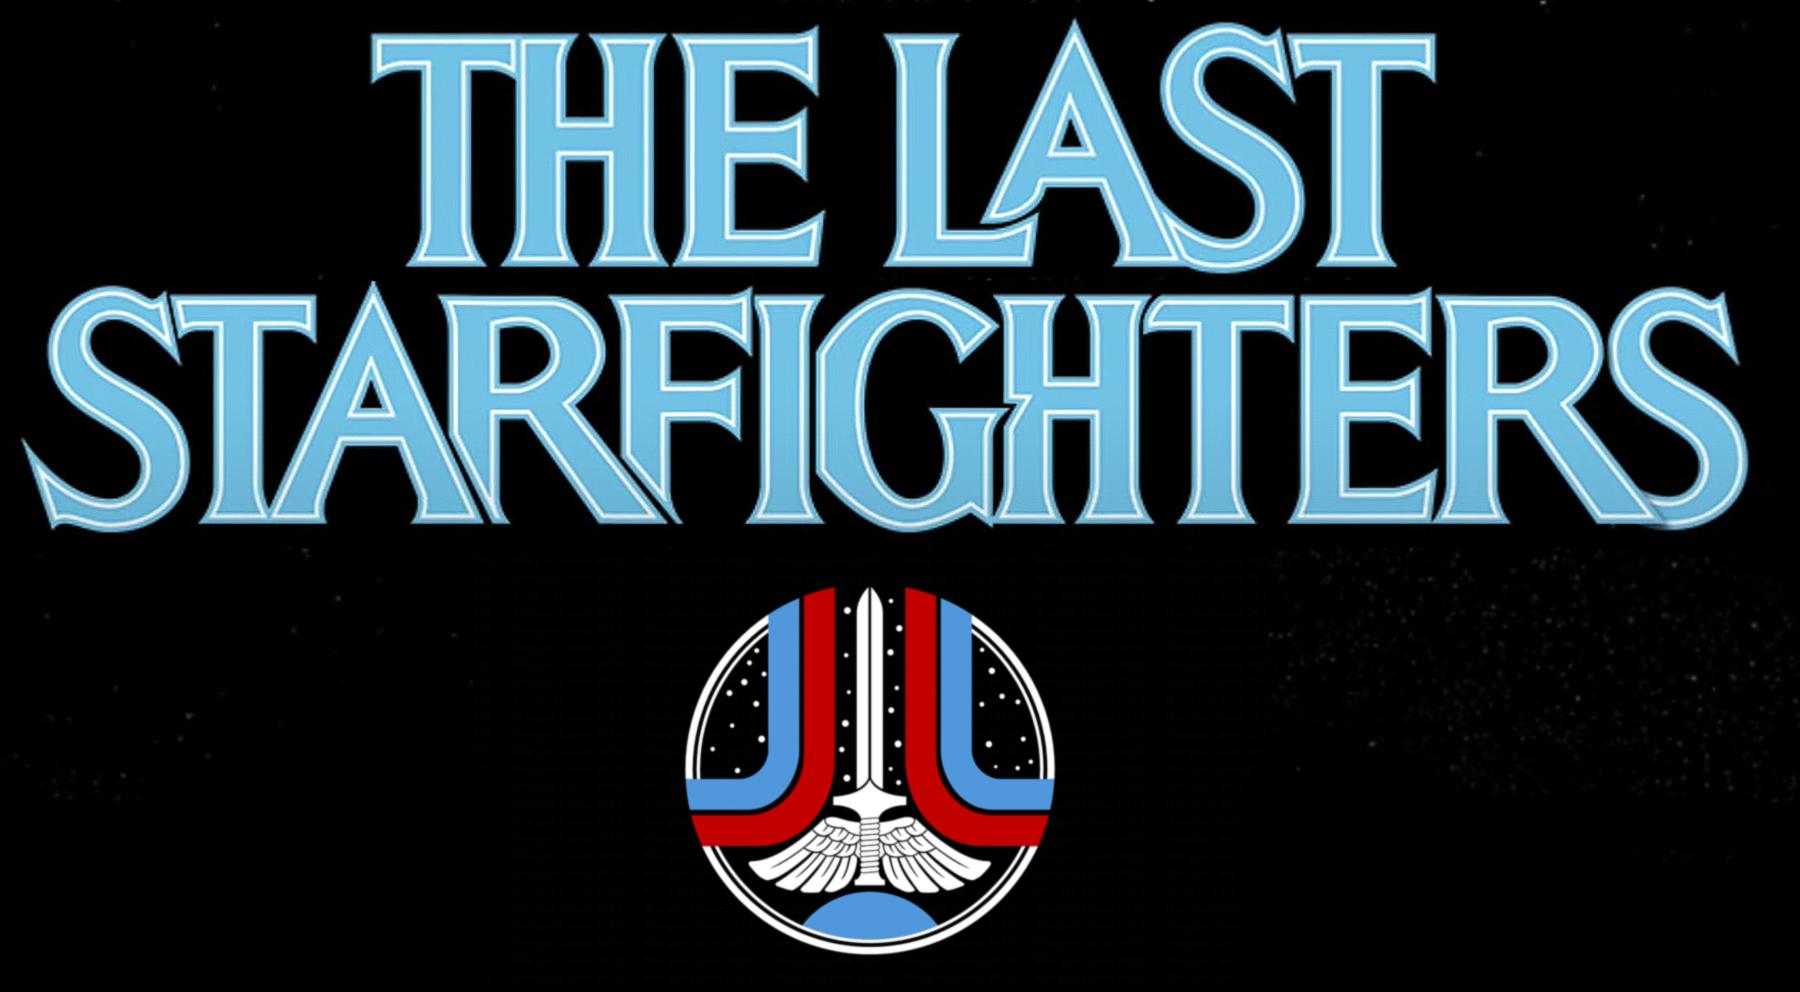 La bobine de grésillement a taquiné l'idée de nombreux Starfighters se rassemblant pour combattre à nouveau le mal interstellaire.